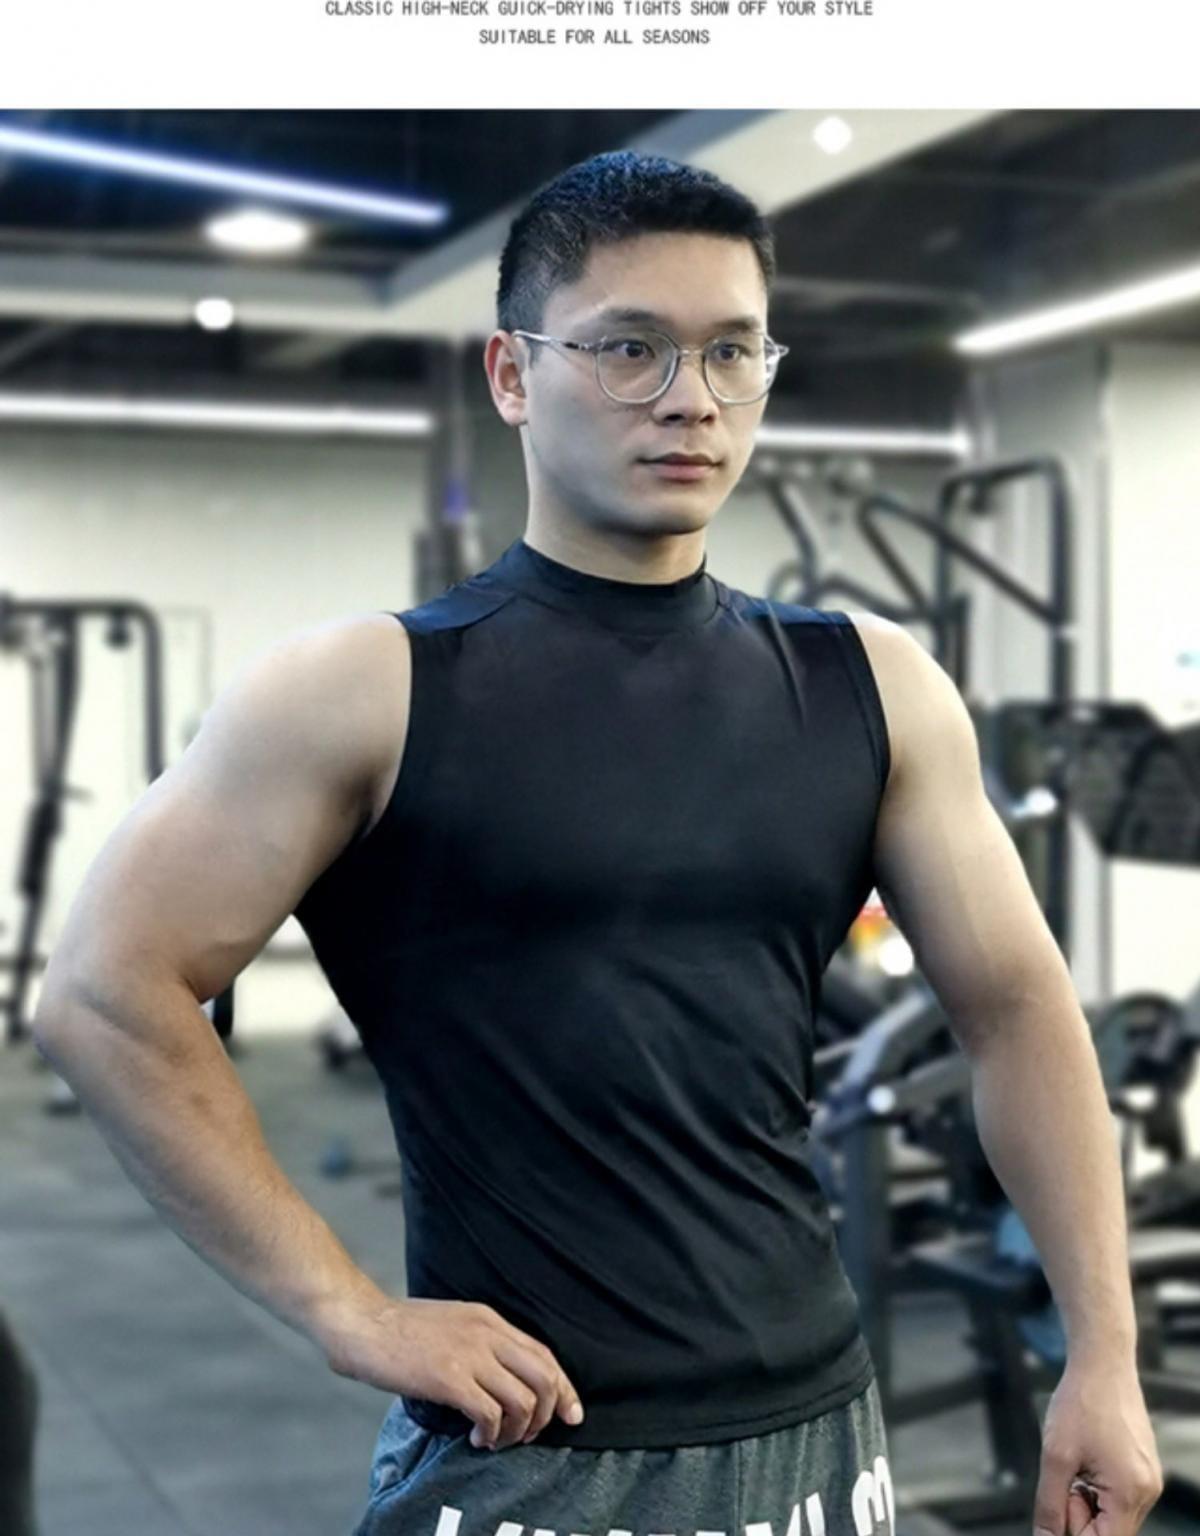 (快速出貨) 男士運動背心無袖緊身速乾運動彈力坎肩健身T恤高領訓練背心 9